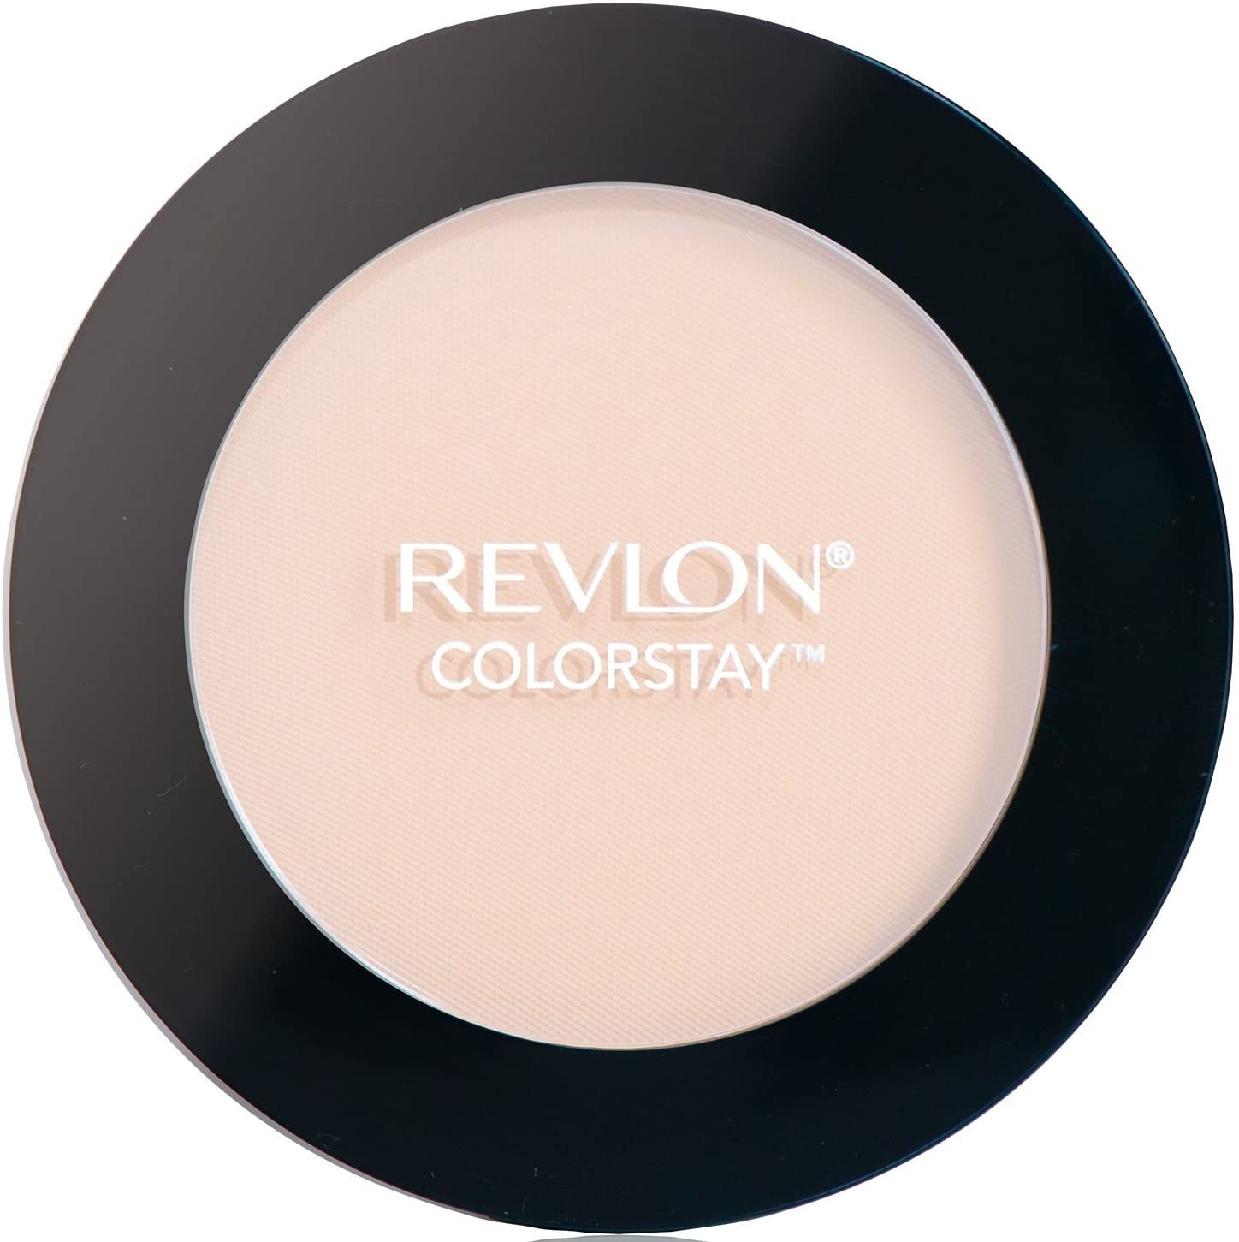 REVLON(レブロン)カラーステイ プレスト パウダー Nの商品画像